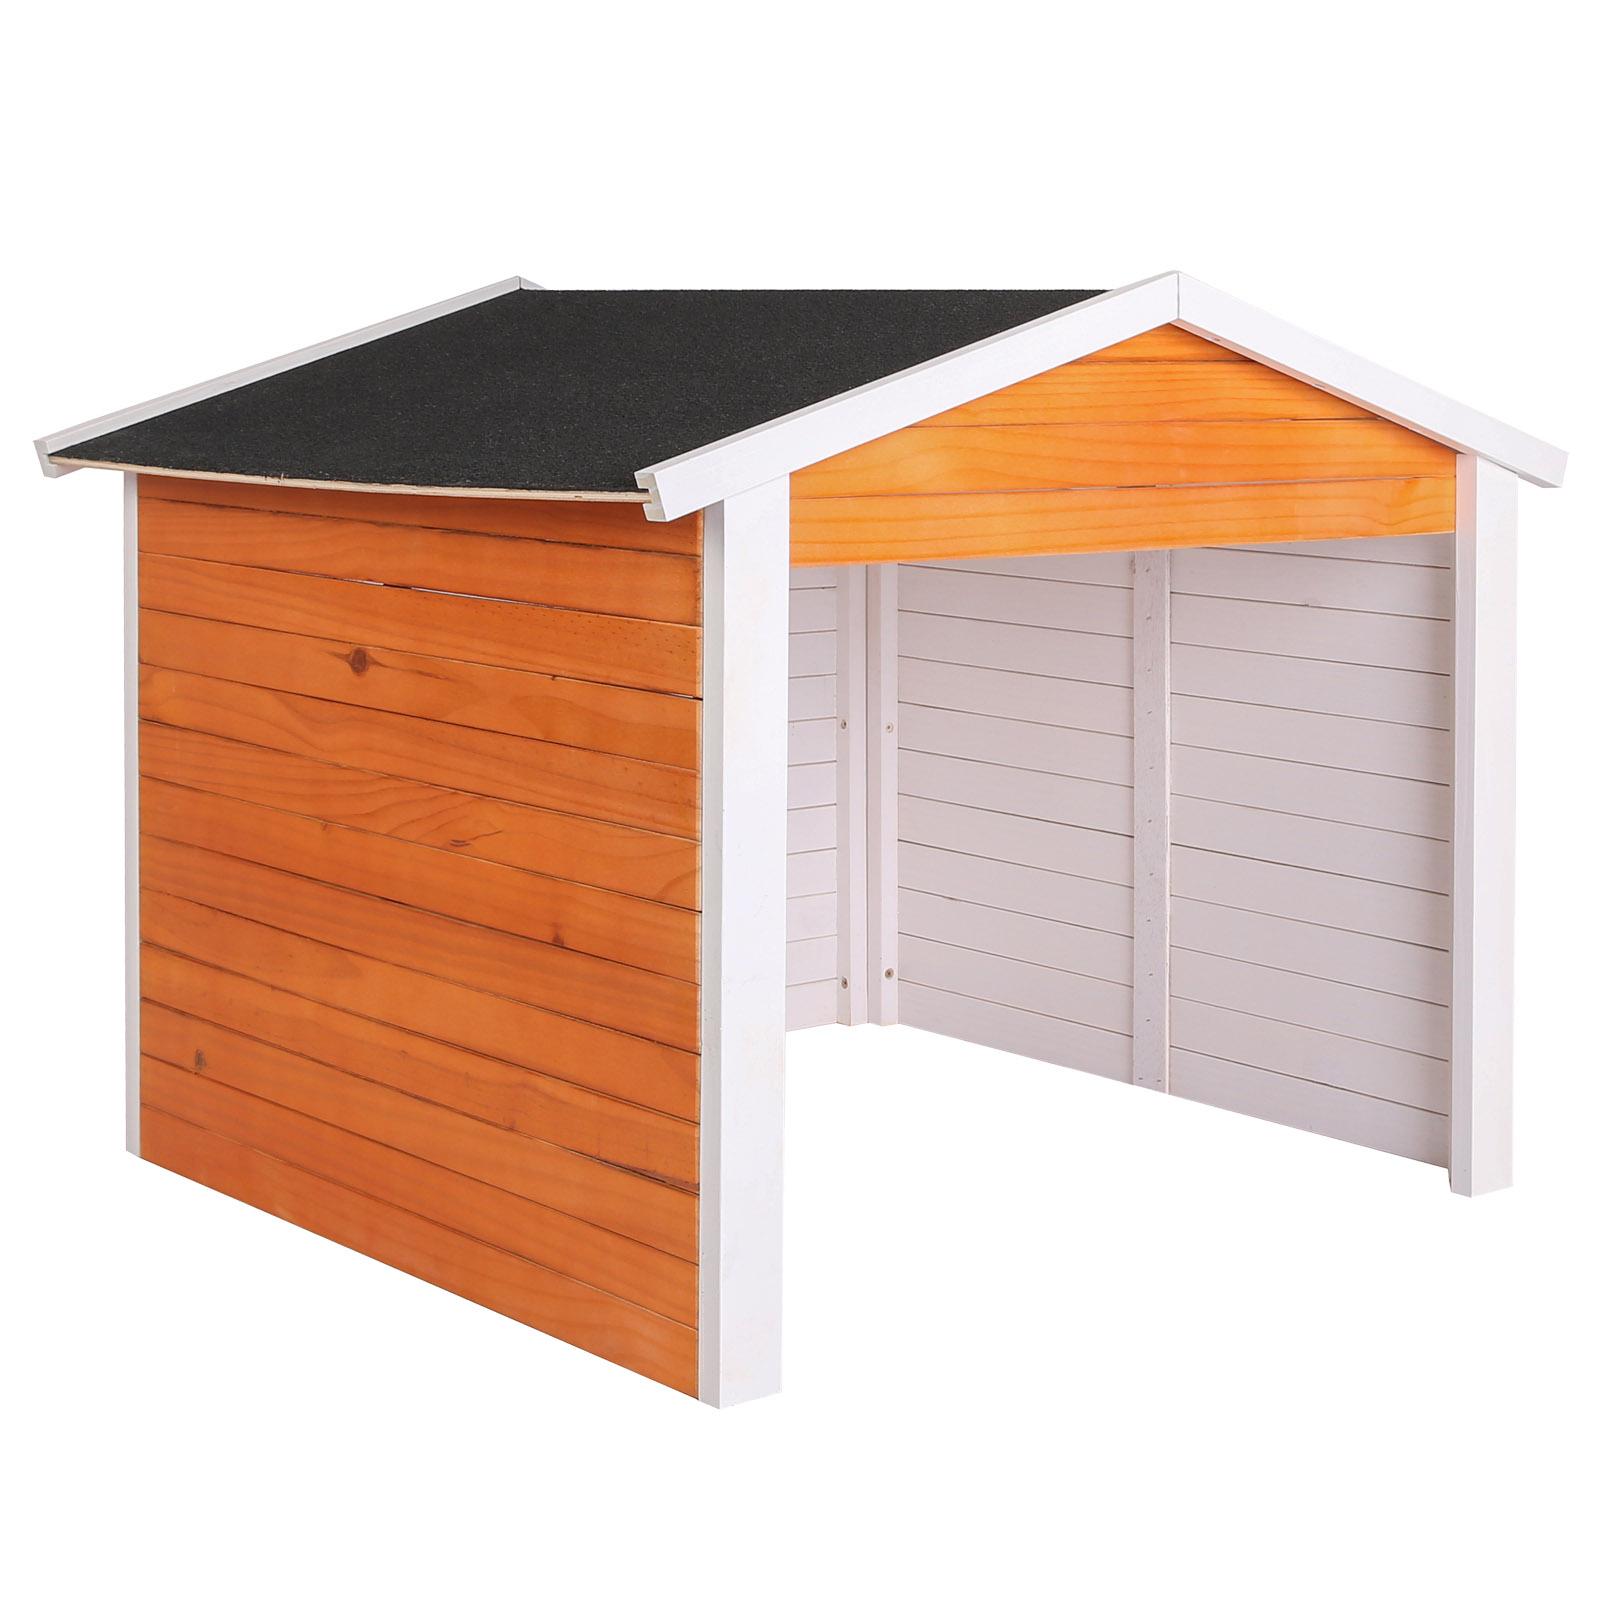 edelrost garten deko dekos ule rost zuhause ist fackels ule pflanzs ule s ule 4250390893164 ebay. Black Bedroom Furniture Sets. Home Design Ideas